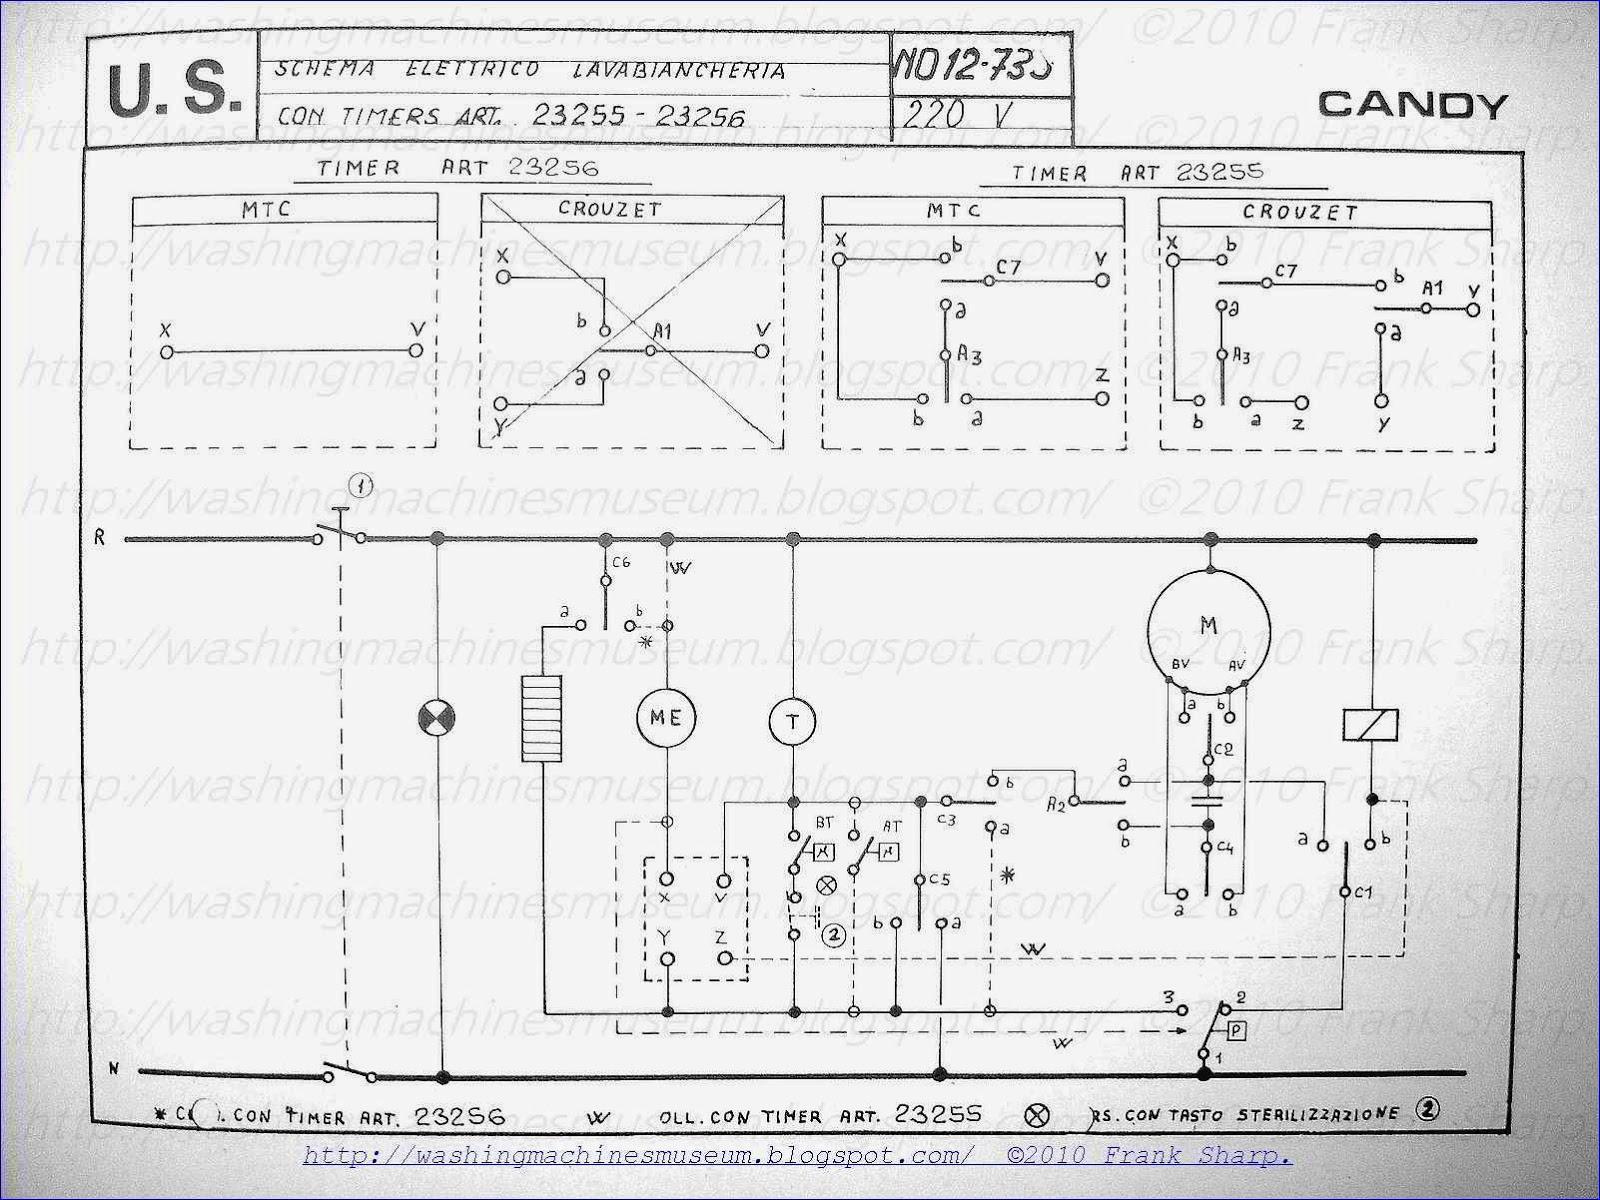 Washing Machine Wiring Diagram and Schematics - Candy Washing Machine with Timer Schematic Diagram 19m